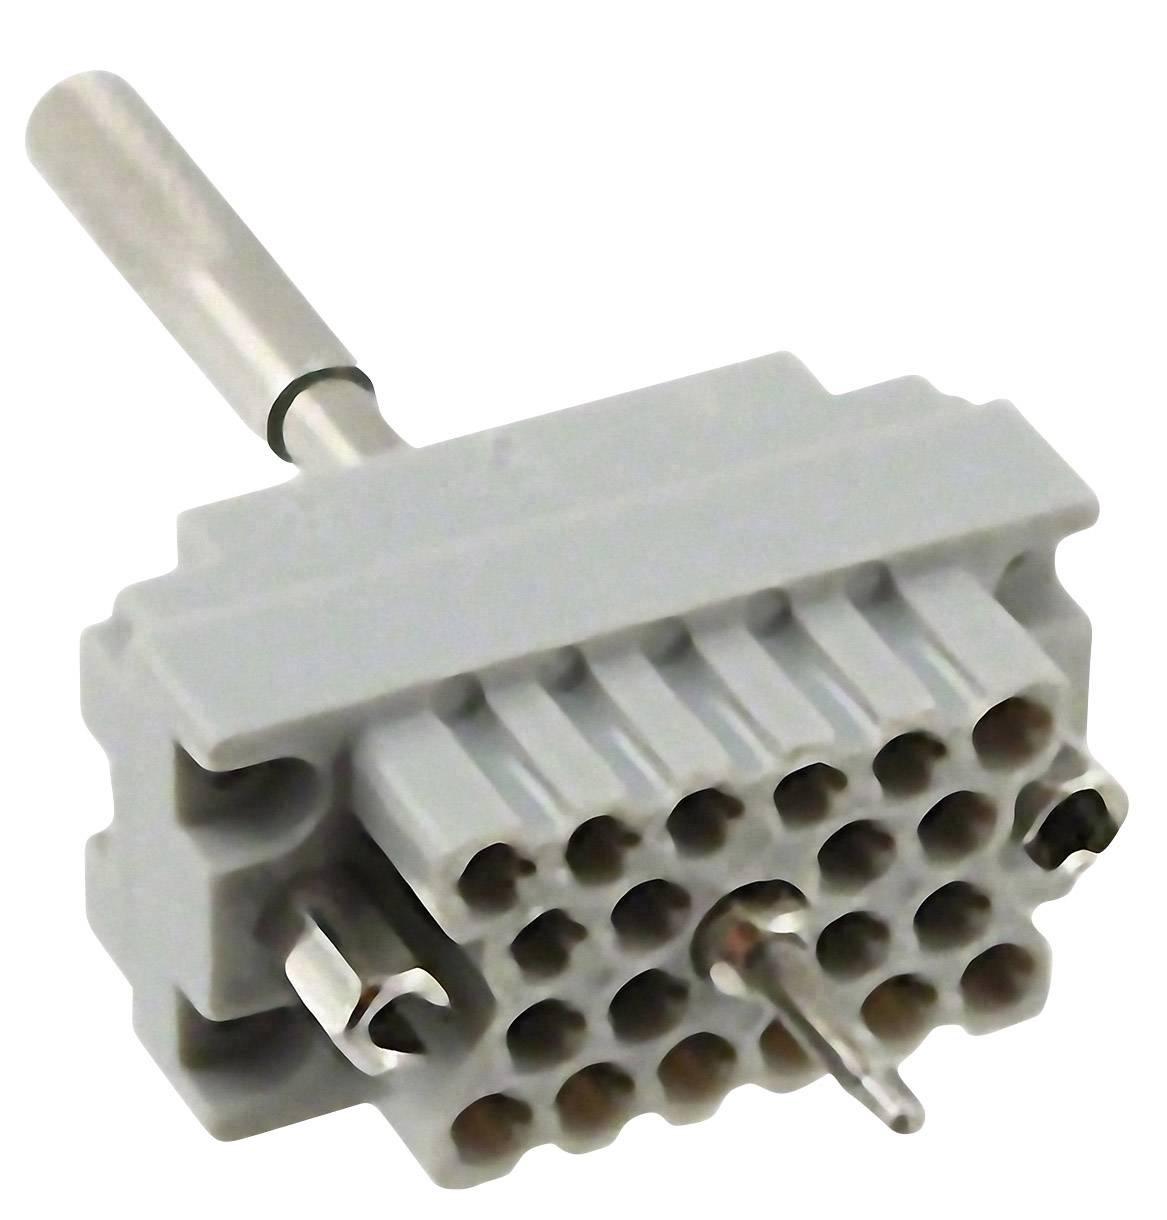 Konektorová vložka, zásuvka EDAC 516-020-000-401, počet kontaktů 20, 1 ks